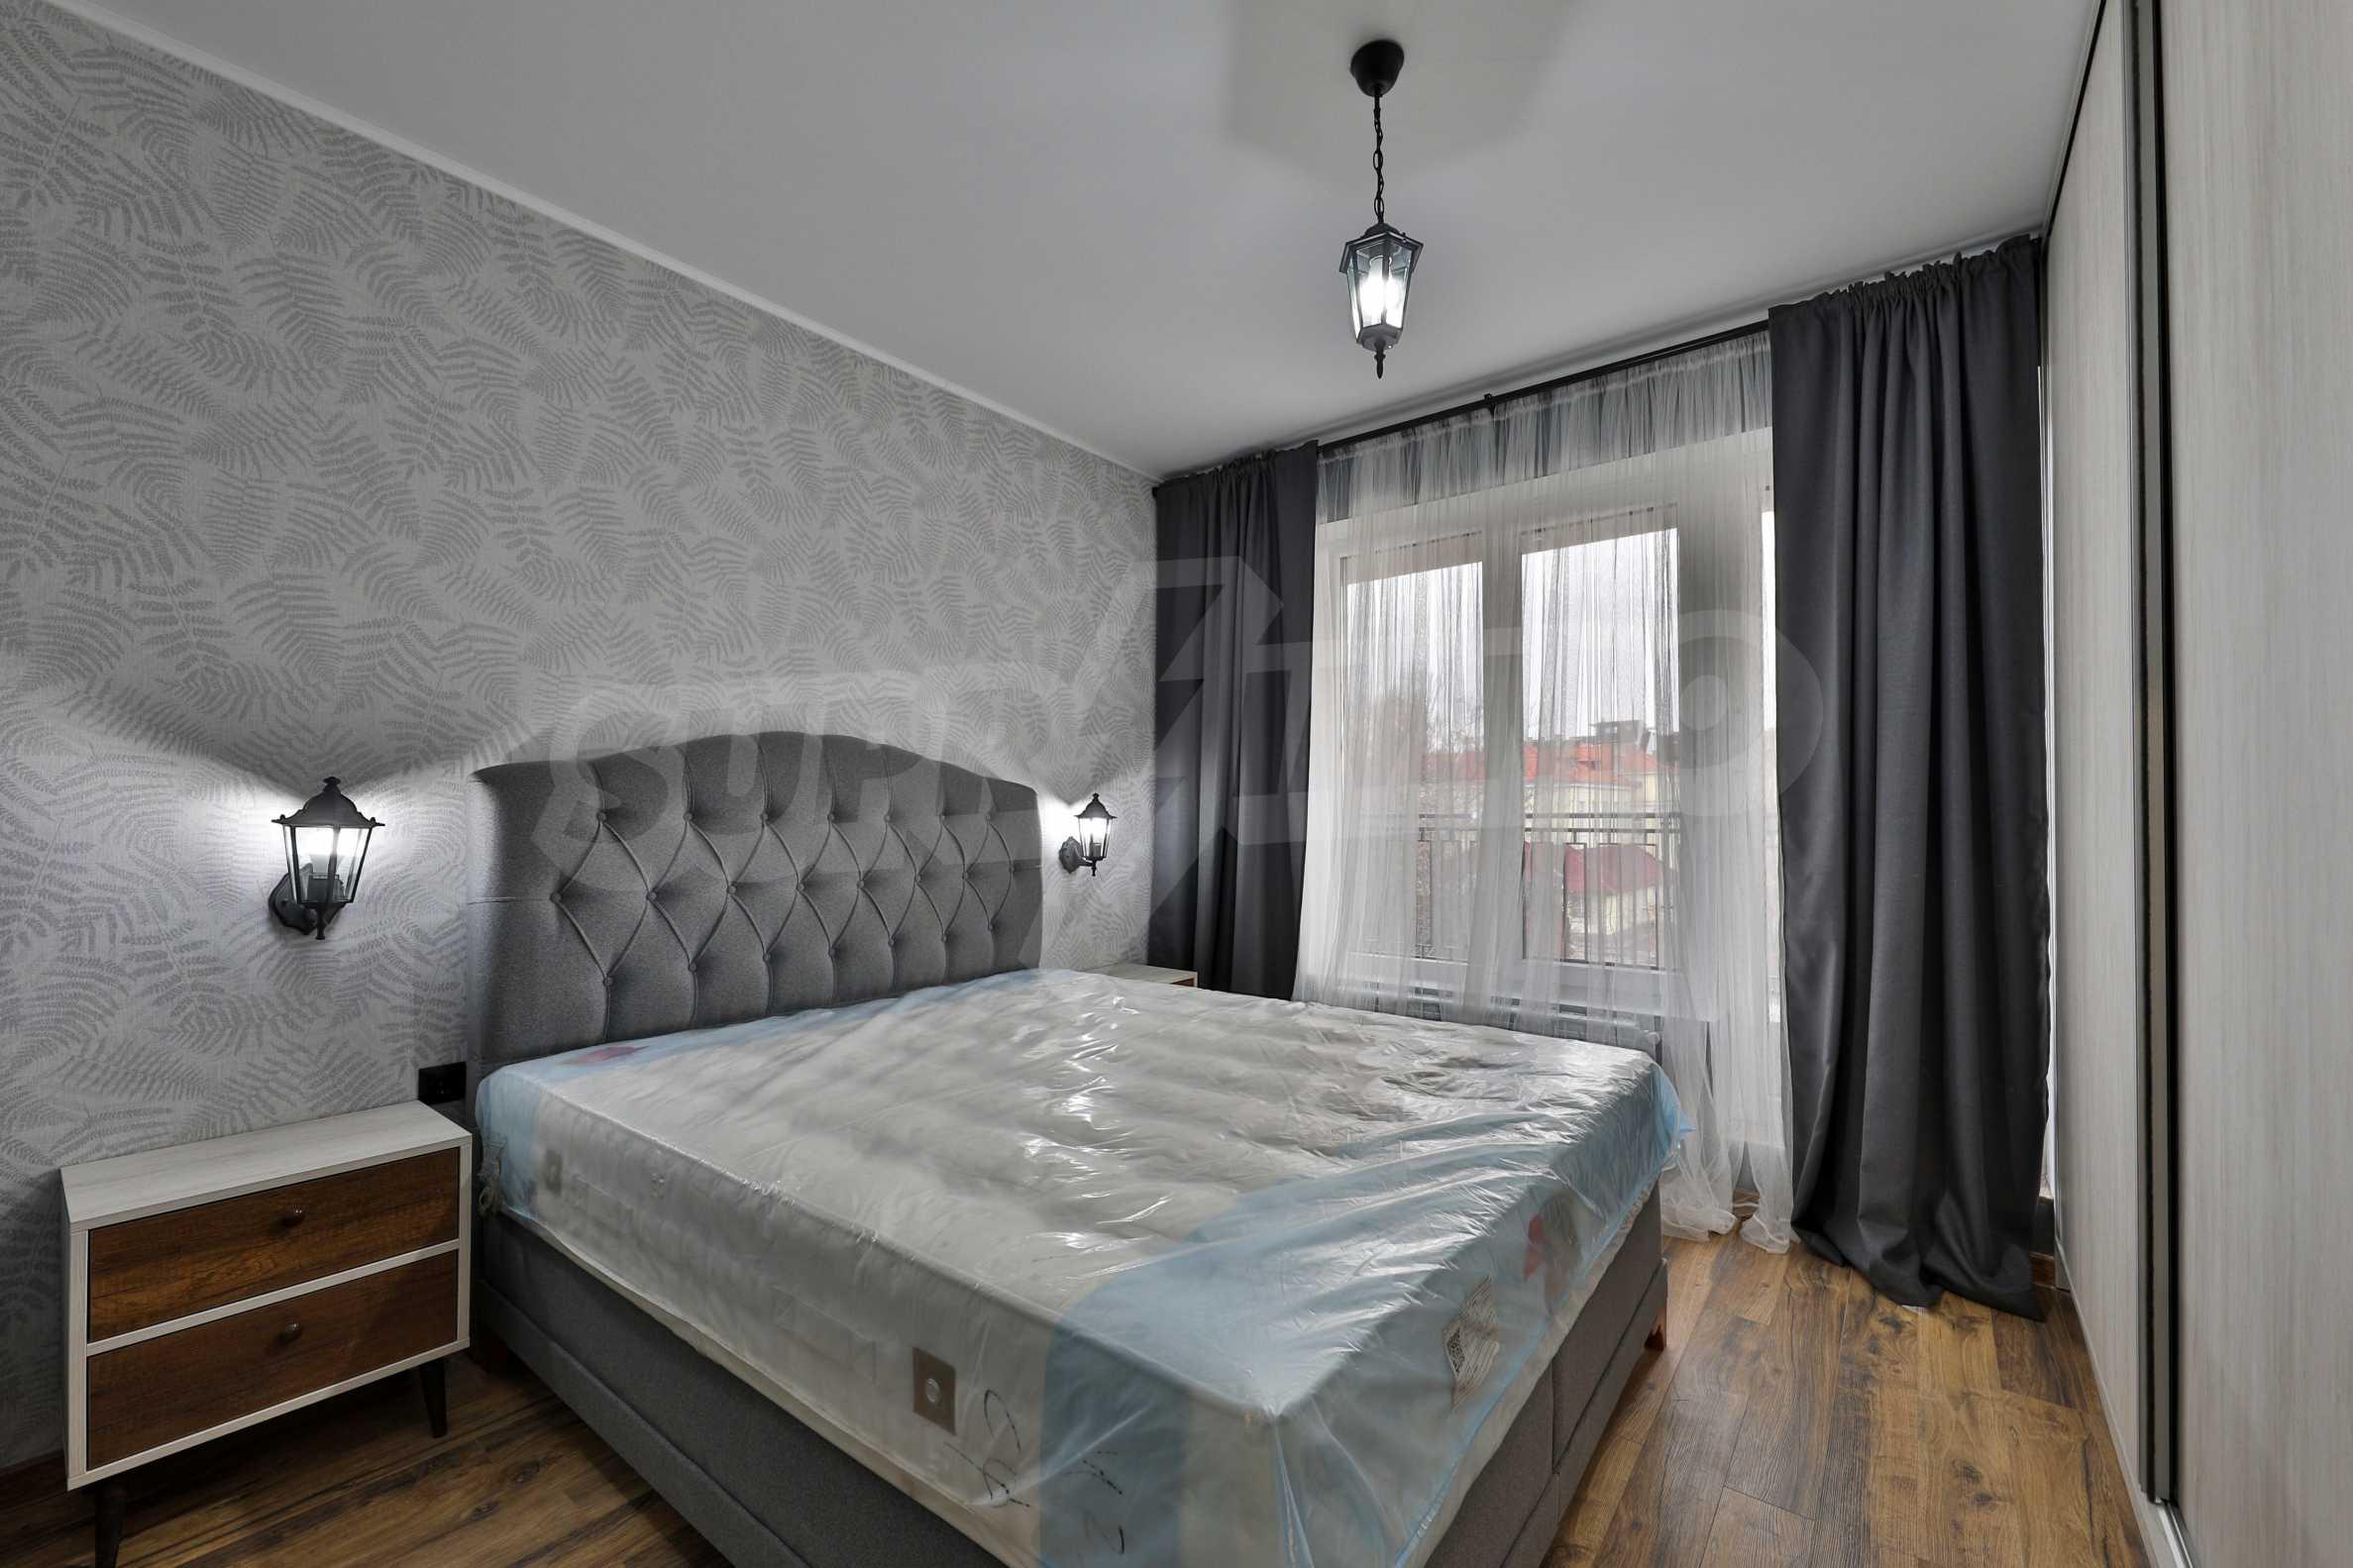 Нов, дизайнерски обзаведен двустаен апартамент с гараж в Центъра до метростанция и парк 11